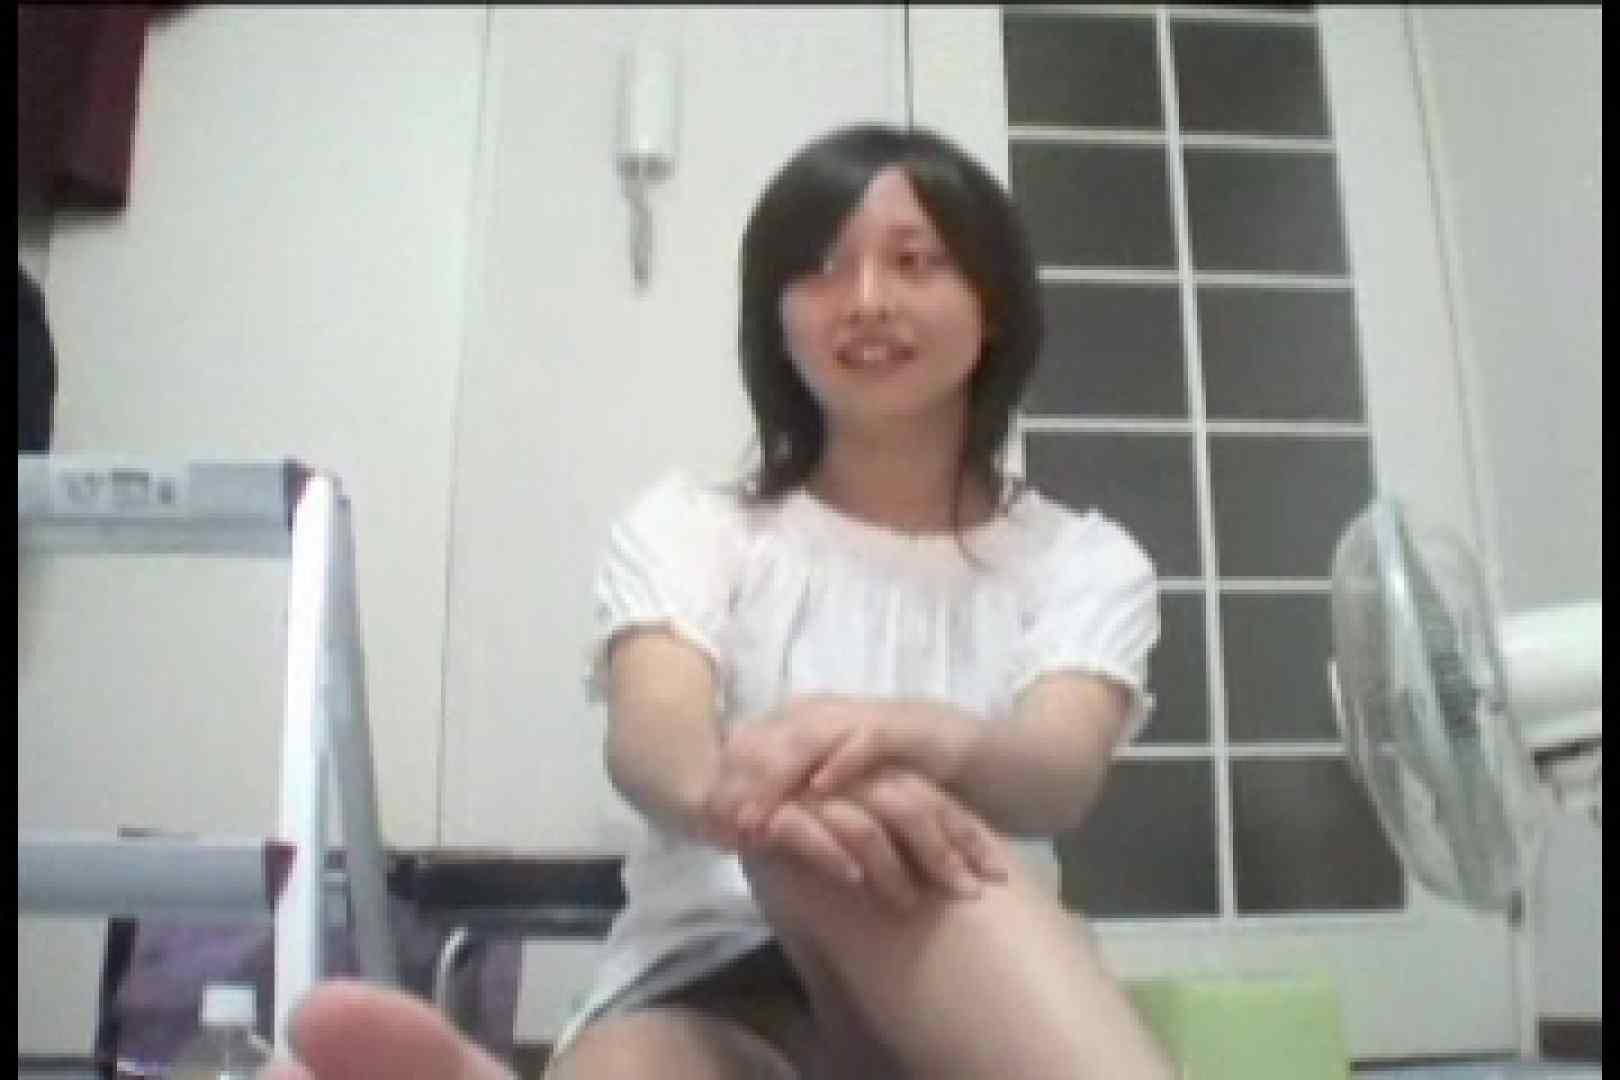 パンツ売りの女の子 むみちゃんvol.1 OLの裸事情 | 一般投稿  93枚 67